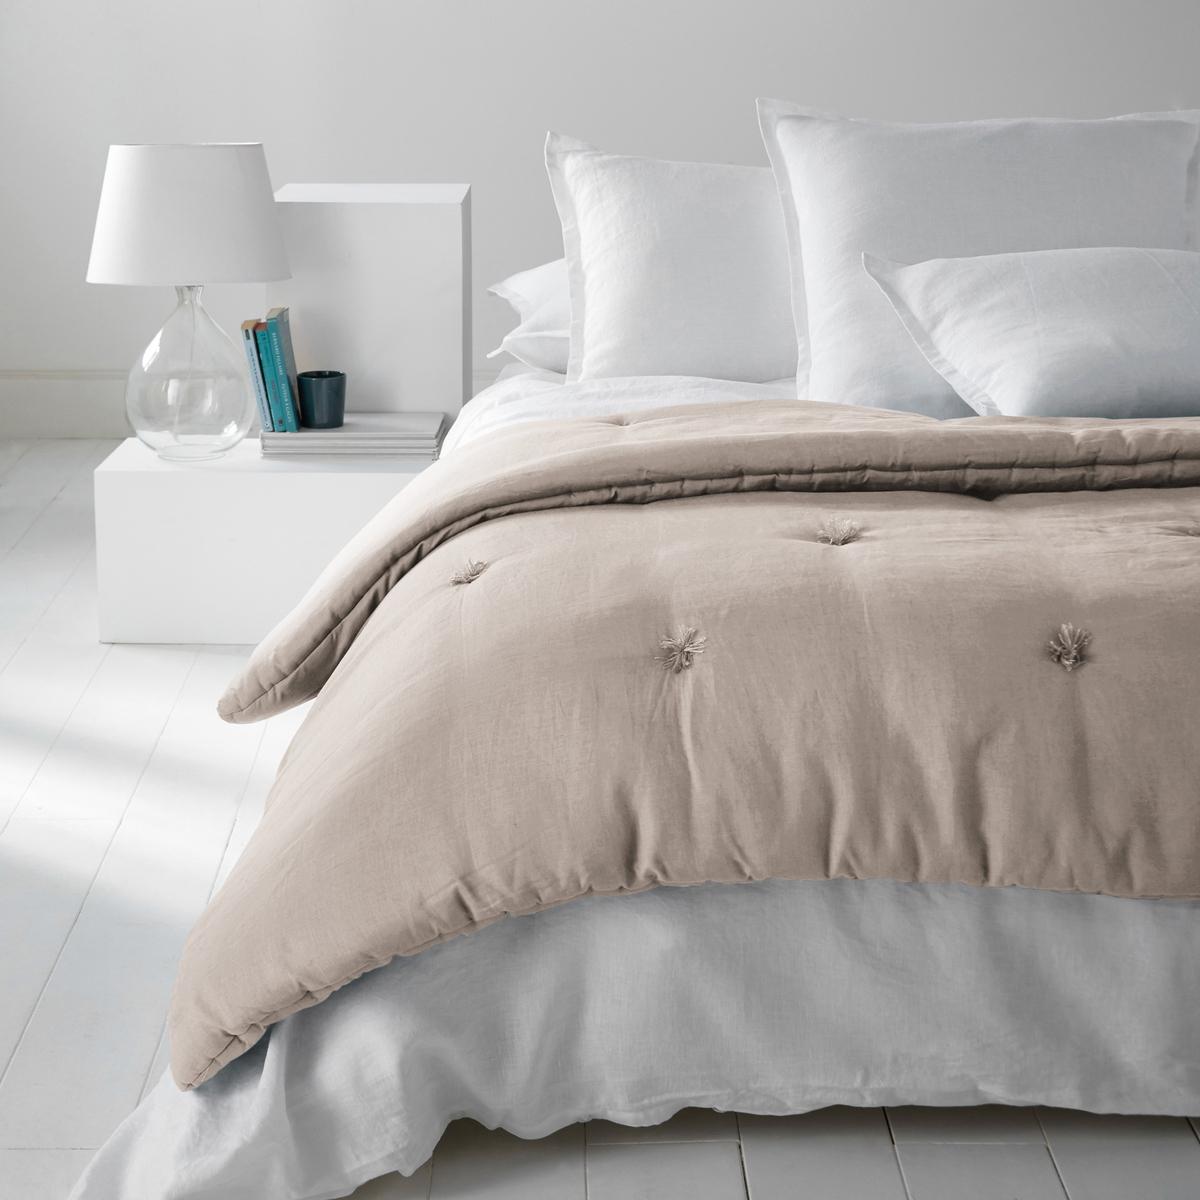 Одеяло из стиранного льна, AbellaОдеяло из 100% льна Abella, Качество уровня Qualit? Best. Чудесное блаженство проскользнуть под это одеяло Abella с очень приятным, легким и дышащим наполнителем.Характеристики одеяла изо льна, Abella :Верх из 100% льна.  Наполнитель из 100% полиэстера (400 г/м?)Стирка при 30°.100% лен : Натуральный, элегантный и аутентичный материал, с легким жатым эффектом. Мягкий струящийся материал - легкий летом и теплый зимой - становится еще мягче и красивее со временем.Другие наши изделия из льна ищите на сайте laredoute.ruРазмер на выбор :90 x 150 см90 x 190 см150 x 150 см<br><br>Цвет: белый,бледный сине-зеленый,розовая пудра,серо-бежевый,сине-зеленый,фиолетовый<br>Размер: 90 x 190  см